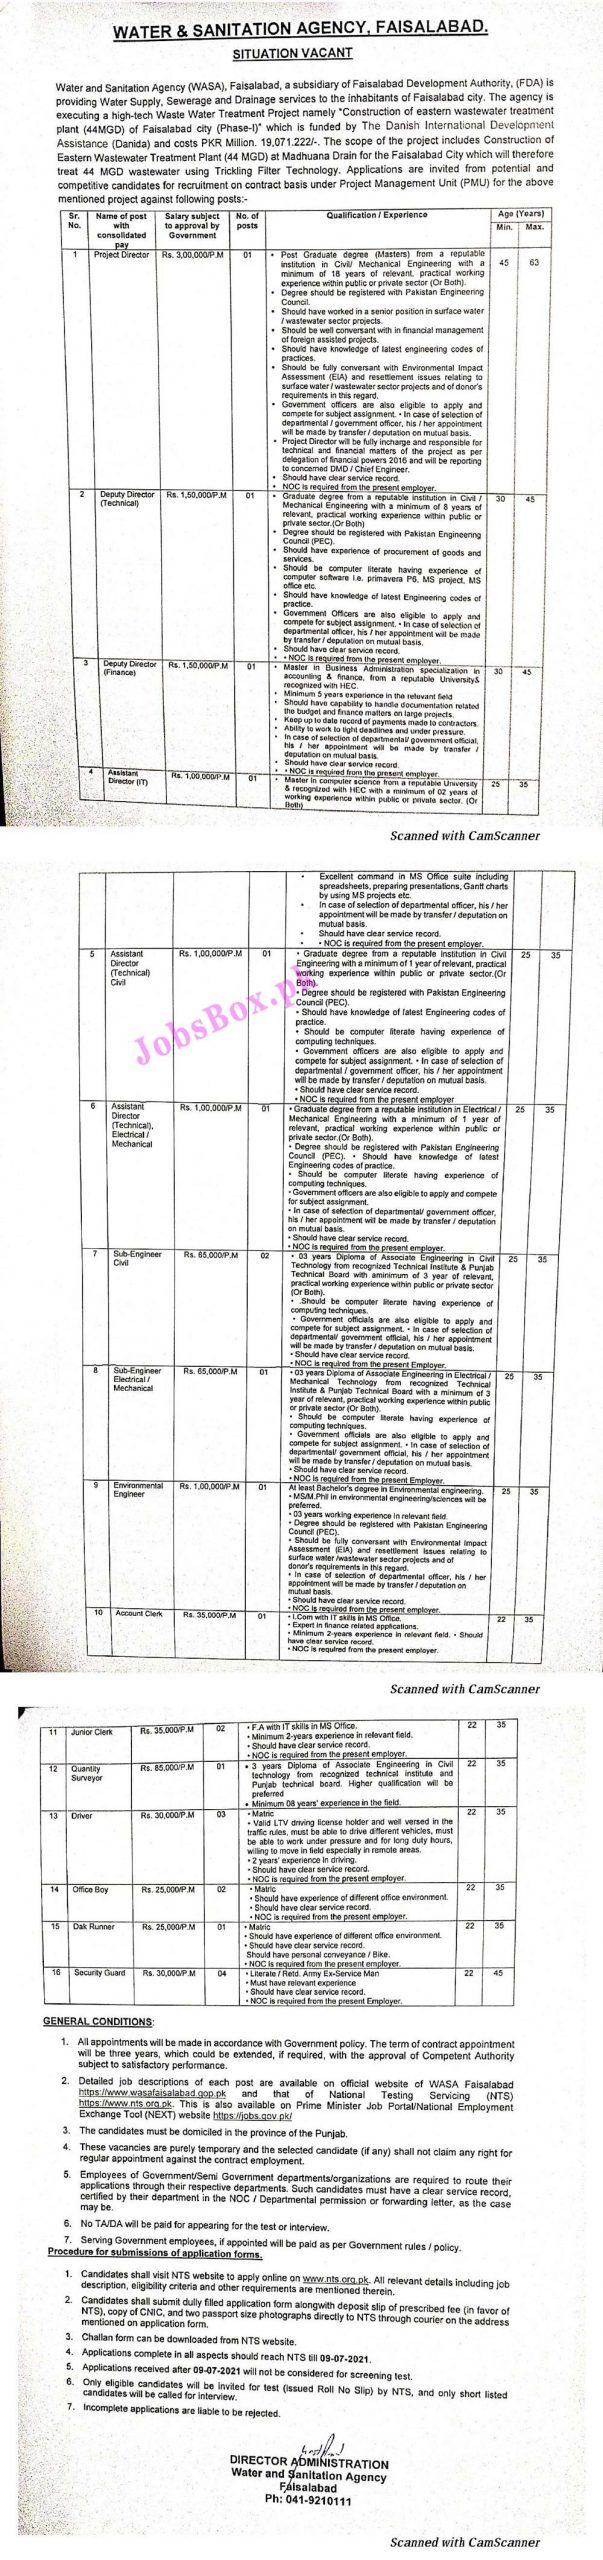 Water and Sanitation Agency WASA Faisalabad Jobs 2021 Apply Online via www.nts.org.pk - WASA FSD Jobs 2021